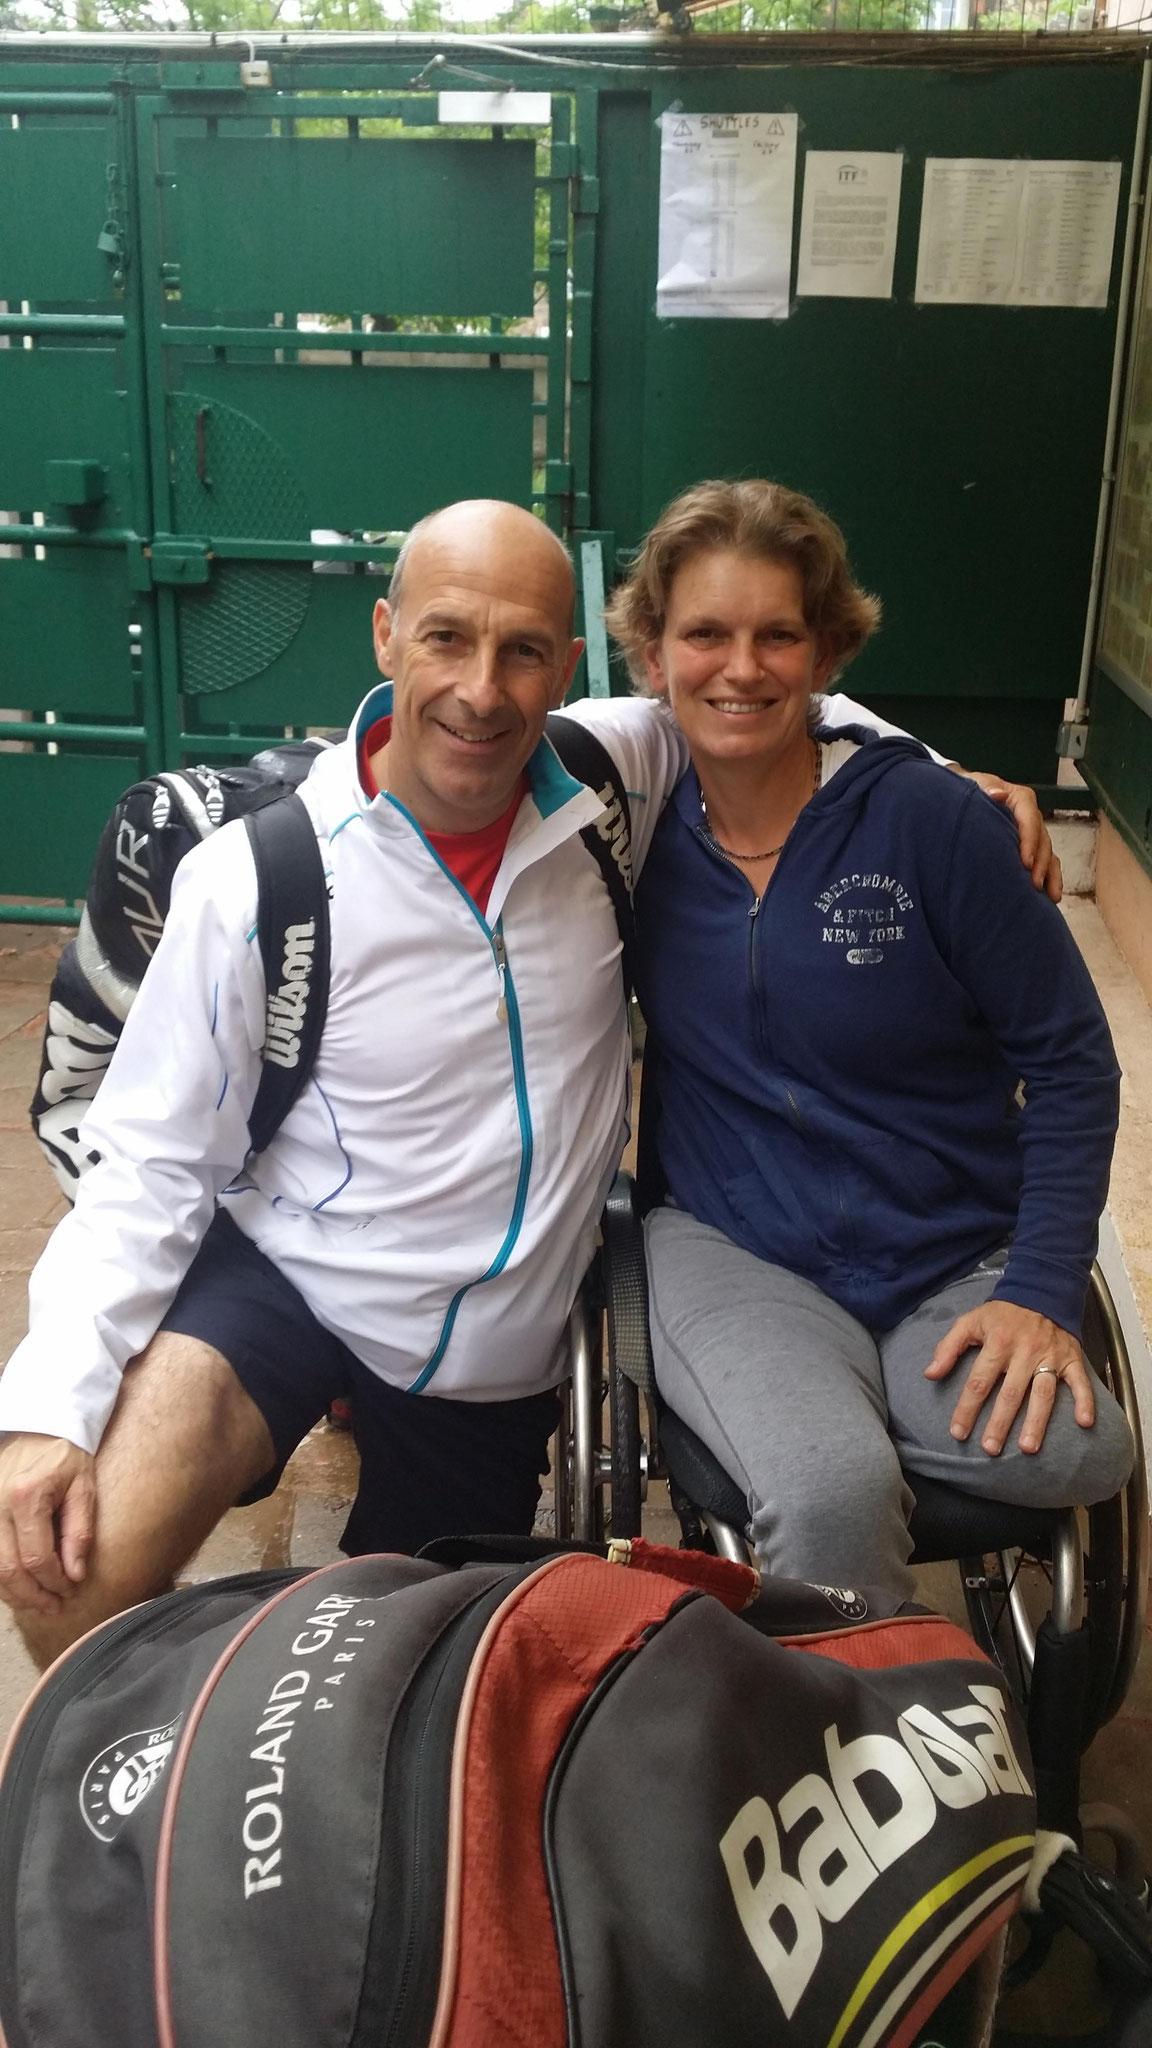 Charlotte Famin no1 française tennis en fauteuil a préparé Roland Garros au CAM mardi 31 mai avec son entraîneur Jean de Saintilan